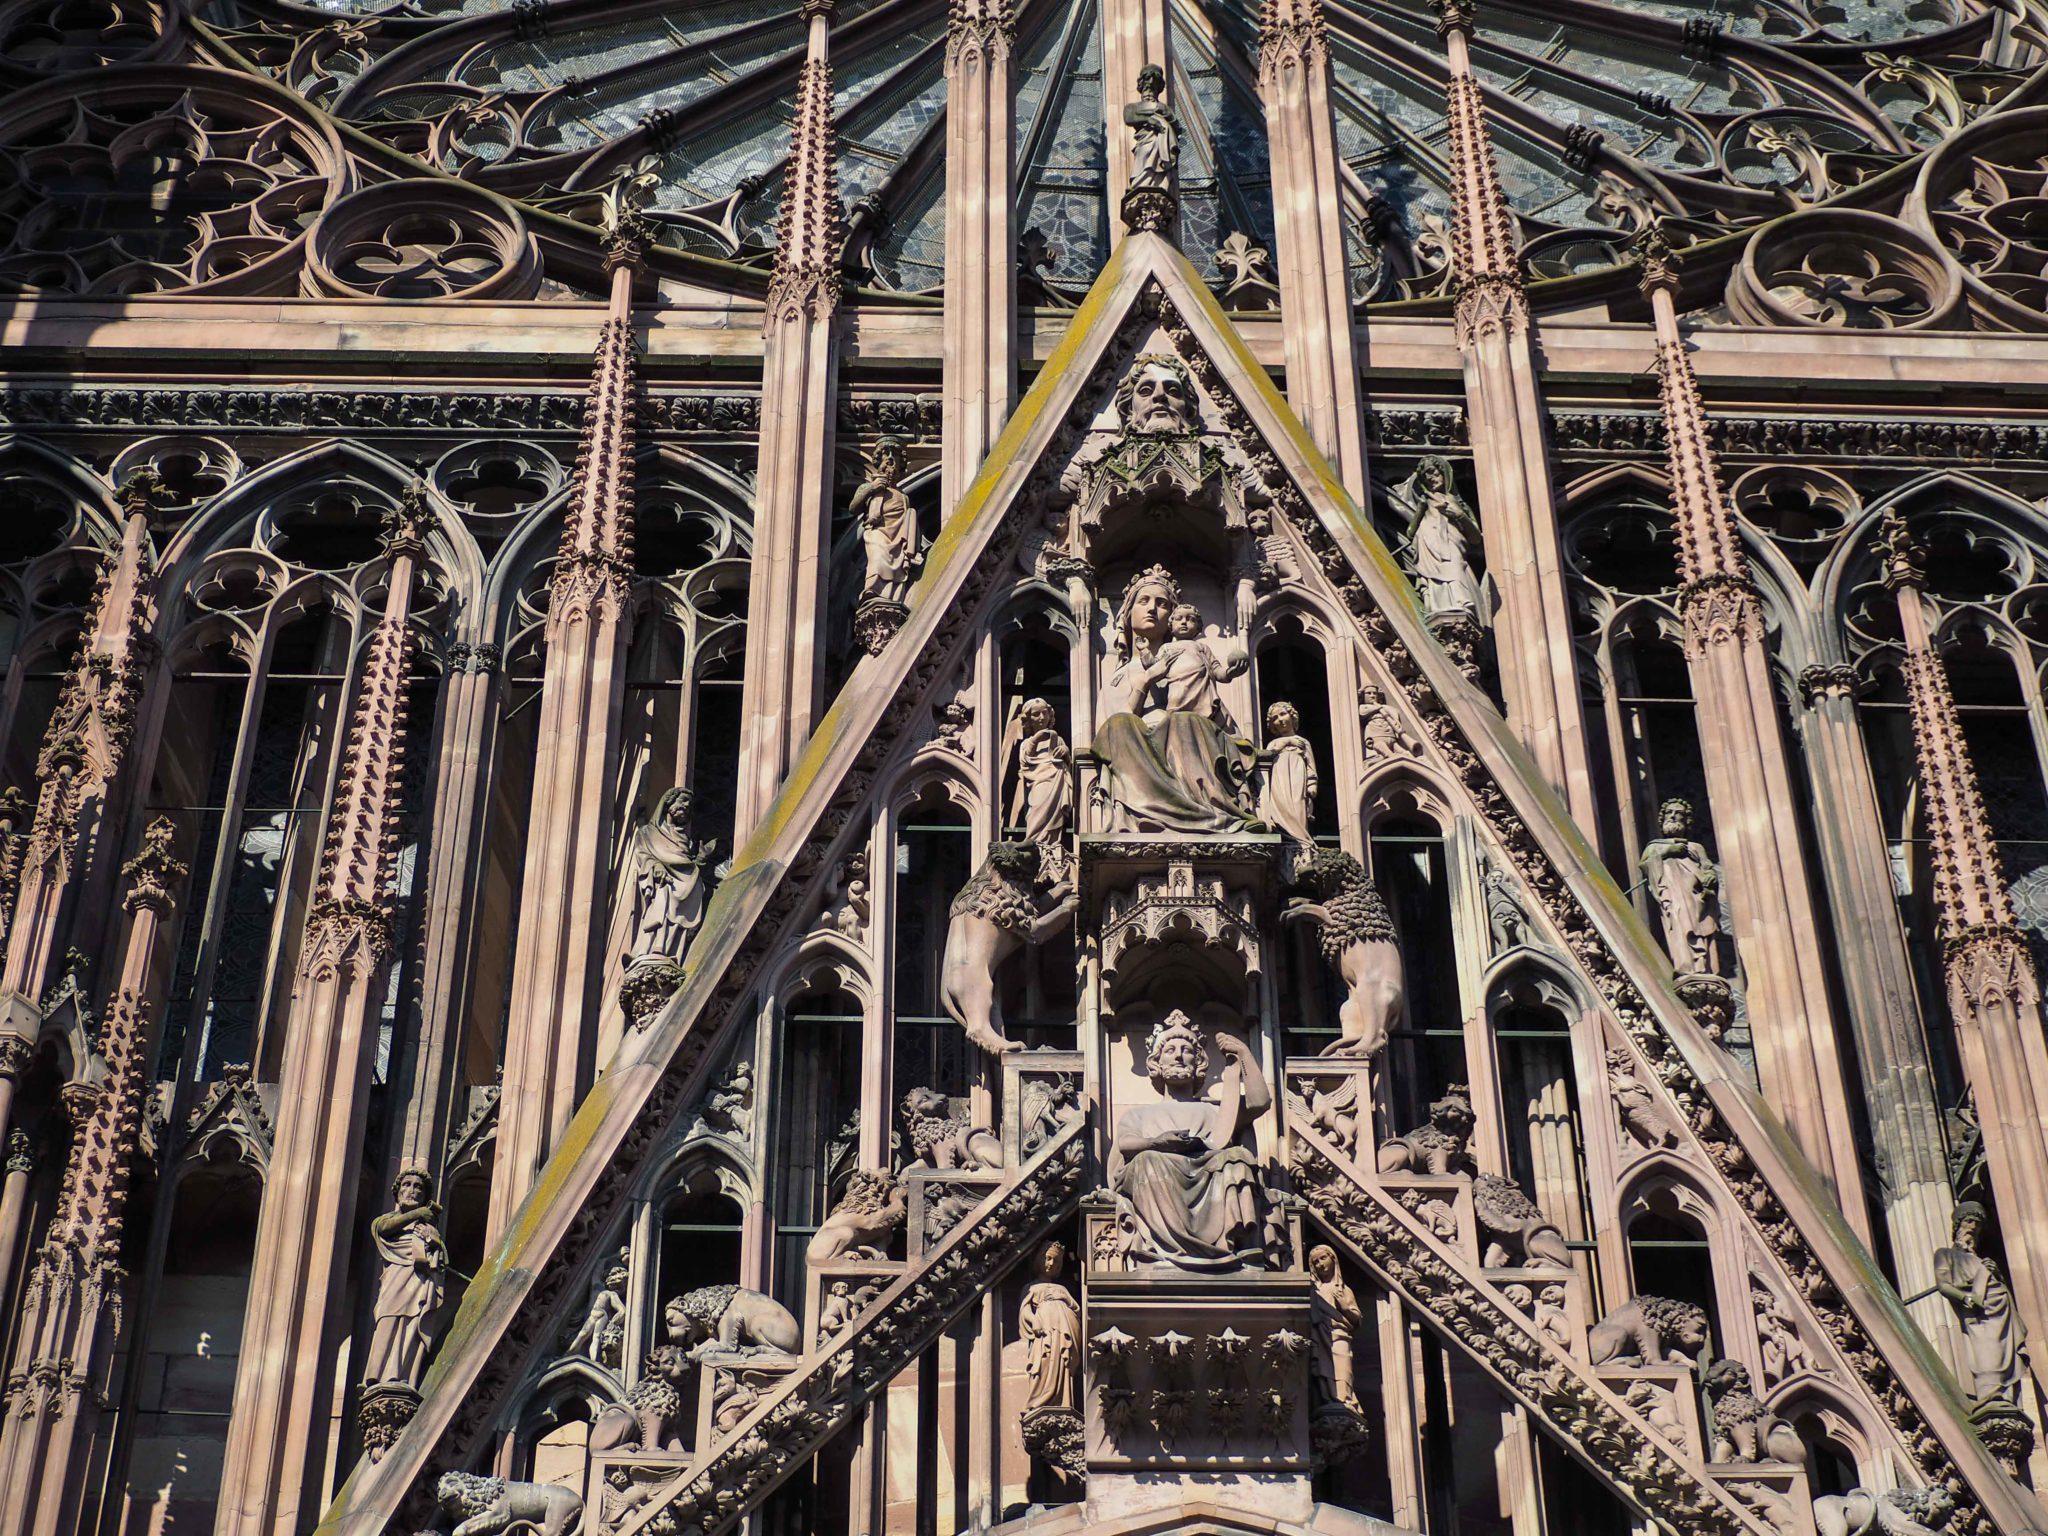 Cathédrale Notre Dame de Strasbourg - Visiter Strasbourg au fil de l'eau: 2 jours dans la capitale alsacienne entre amies - Par Voyages et Vagabondages, le blog du voyage en solo au féminin - Récit, photos, conseils, idées de visite et bonnes adresses pour visiter Strasbourg